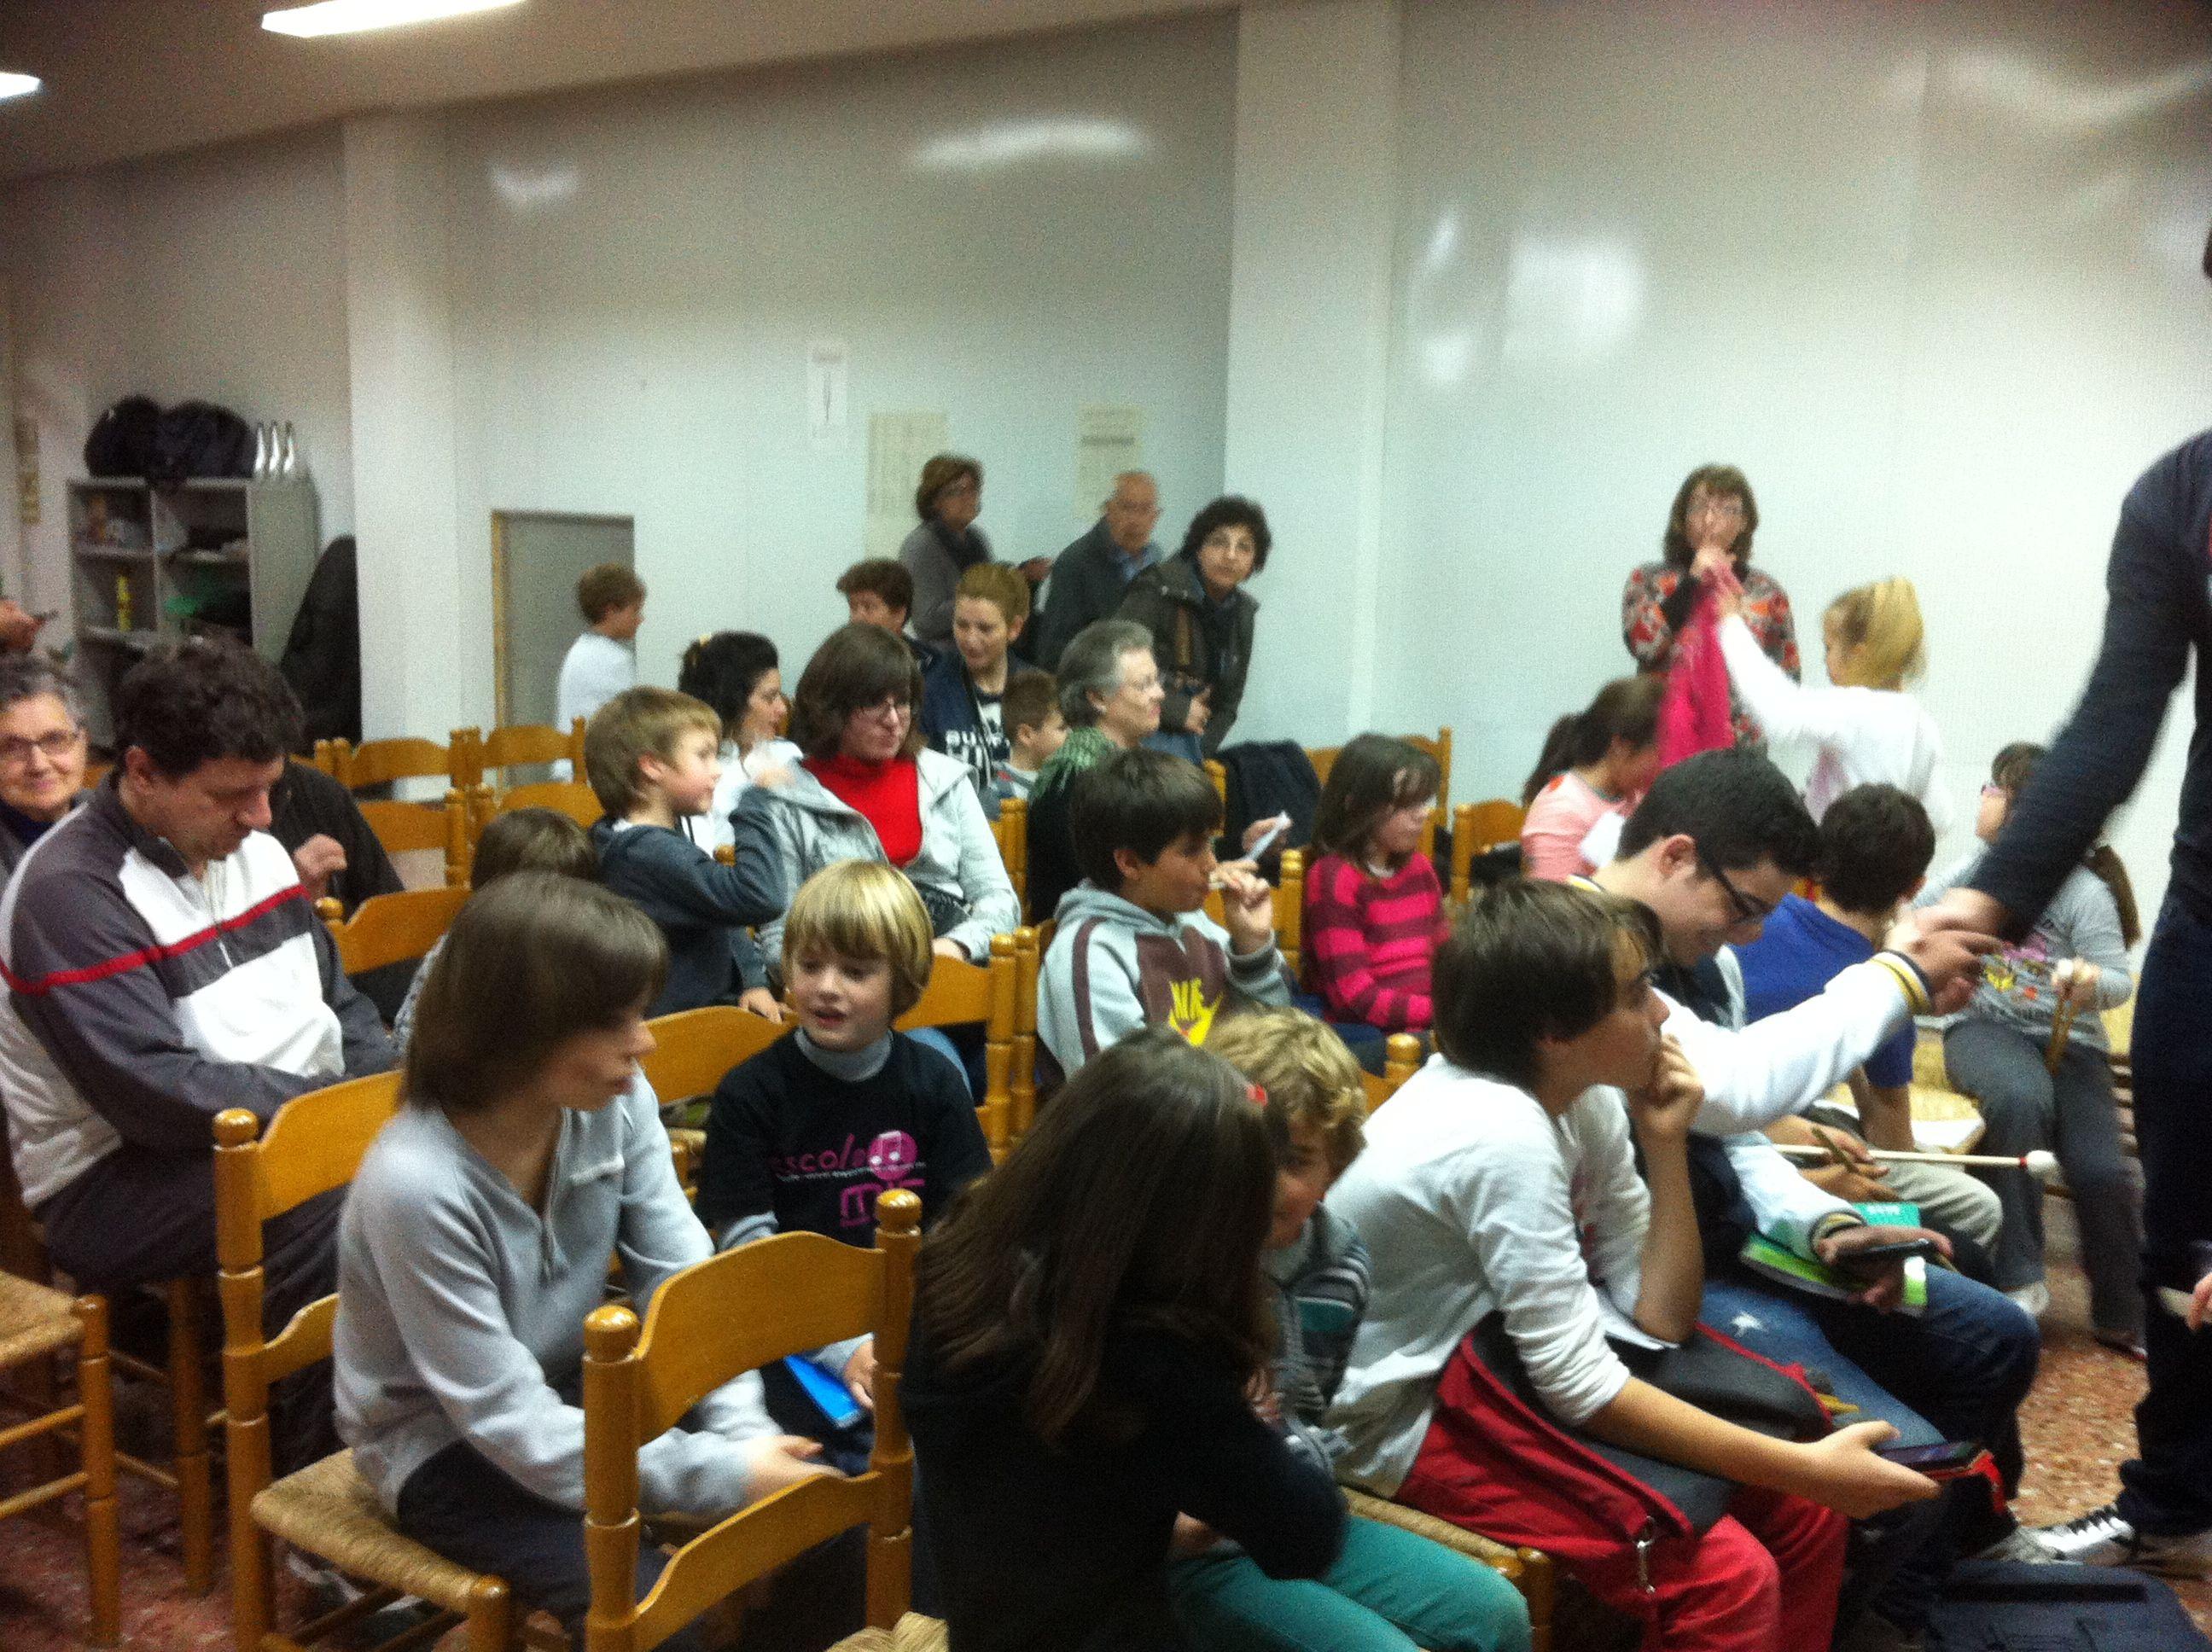 El públic abans de l'audició de Percussió del professor Xavier Cerdà (26-3-2013).